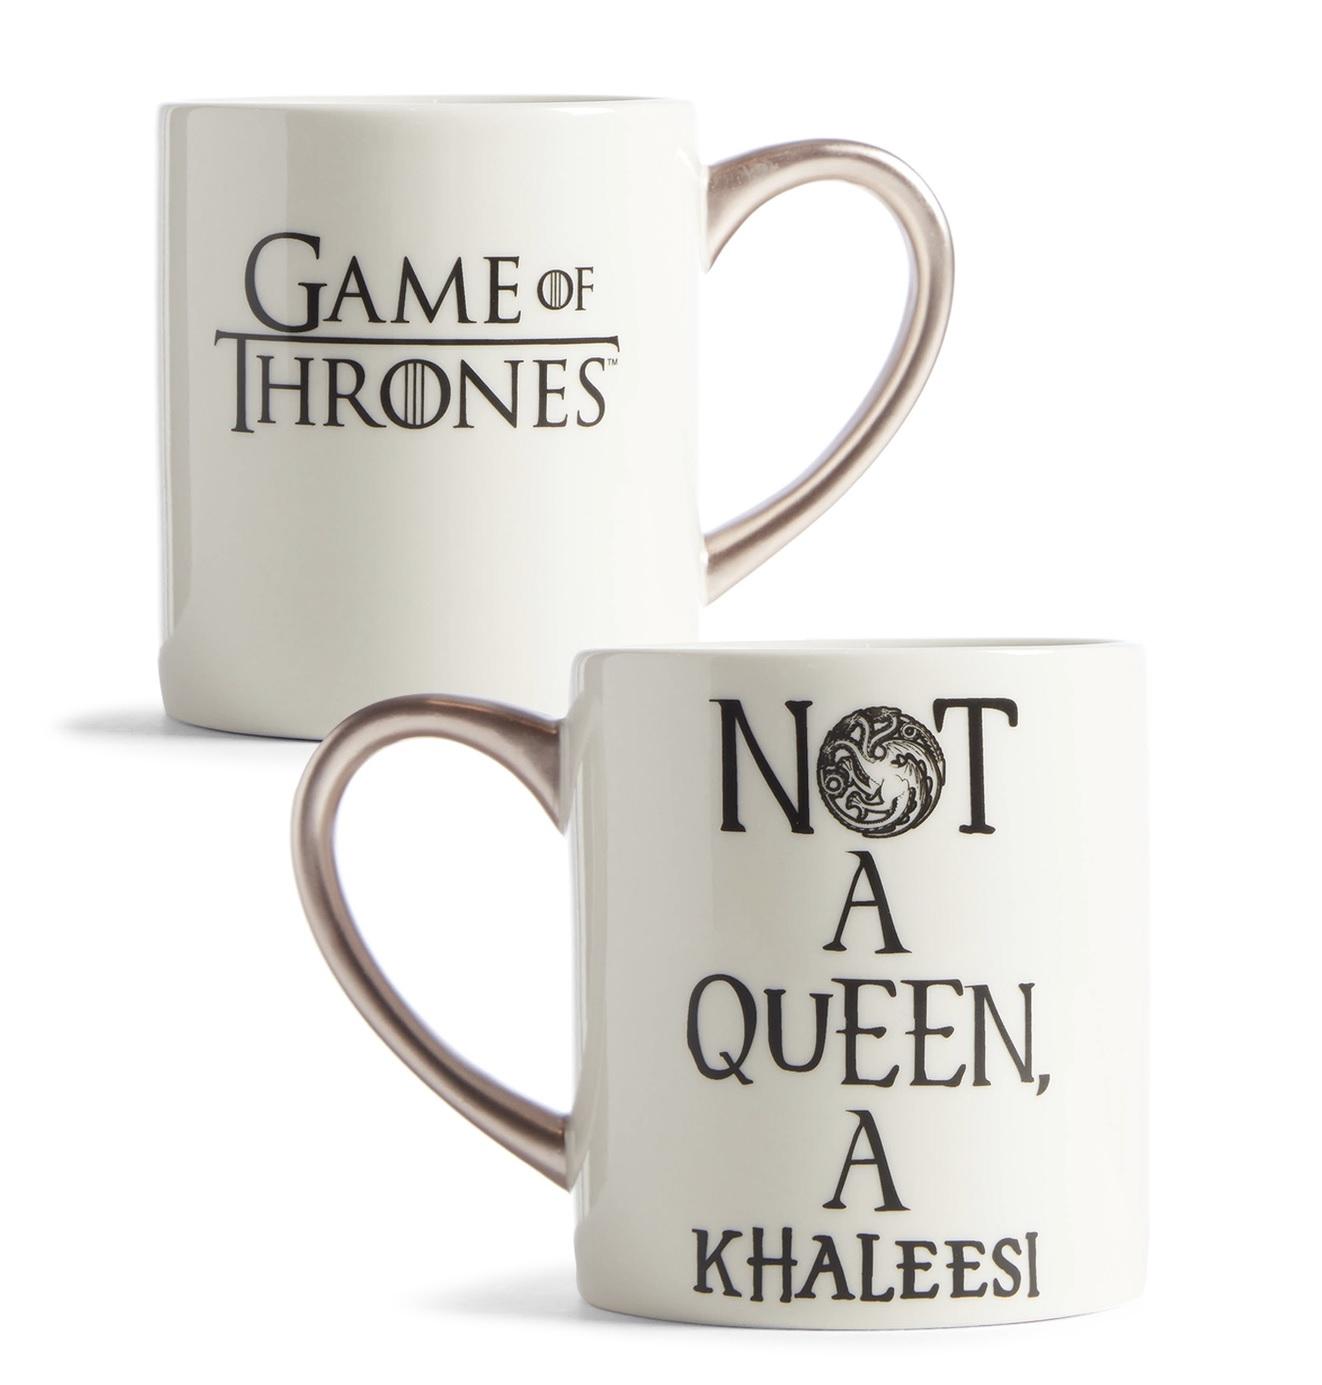 Not A Queen a Khaleesi Mug